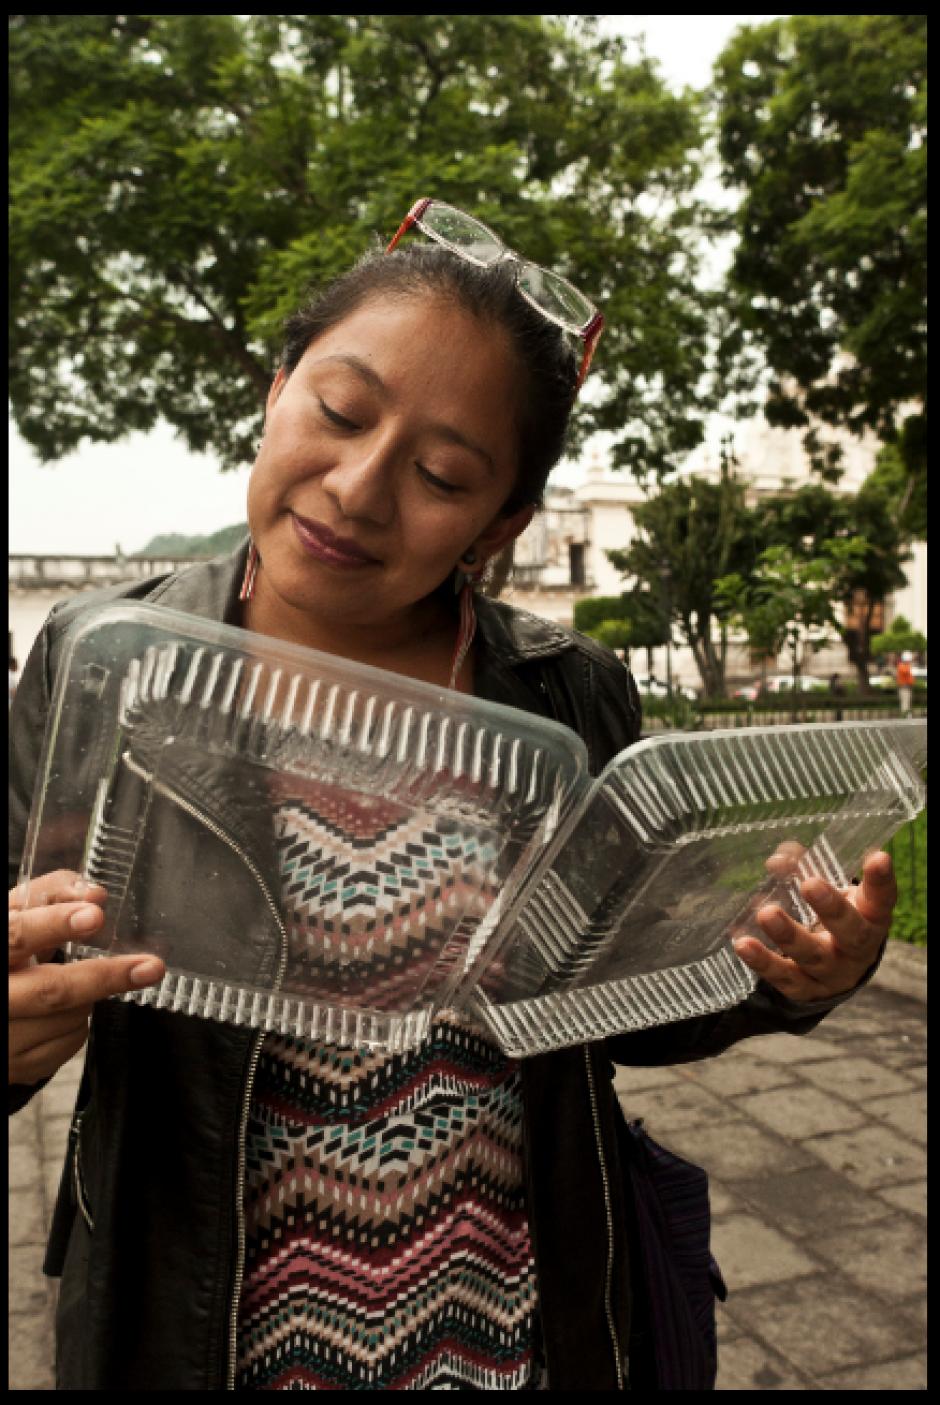 Muchos tomaron objetos como símbolo de los textos que no podrán ser comprados por los asistntes al parque. (Foto: La Casa del Mango)